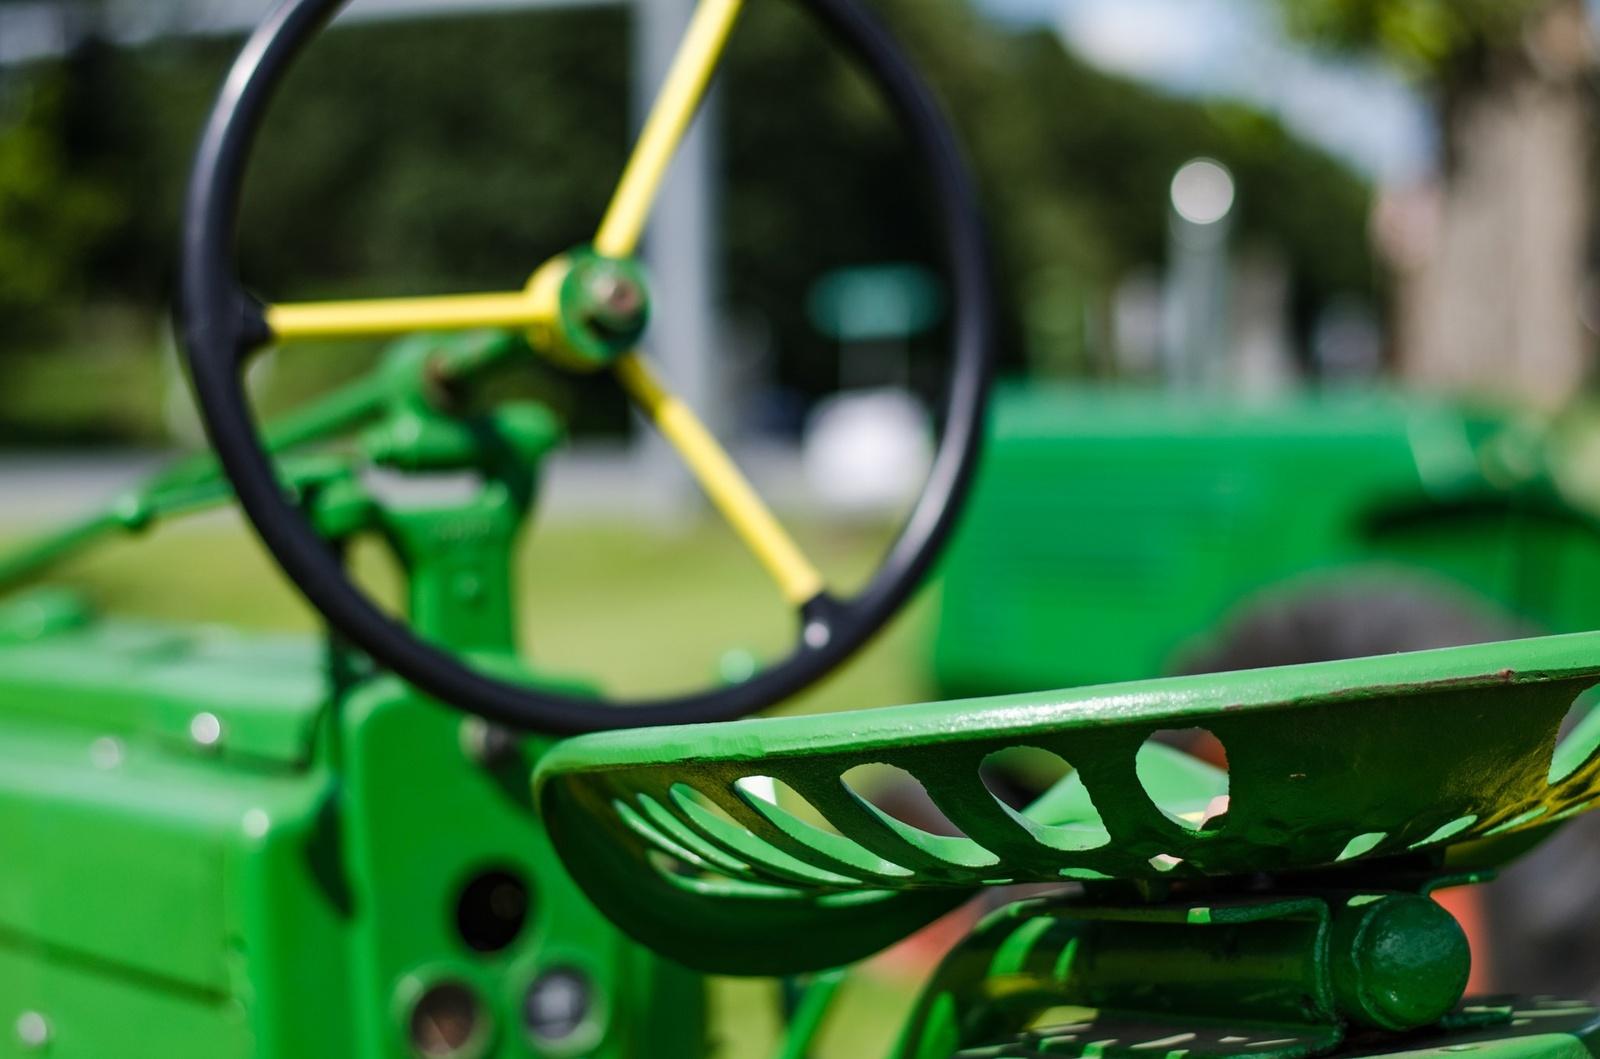 Skolintis žemės ūkio technikai ir įrangai bus paprasčiau